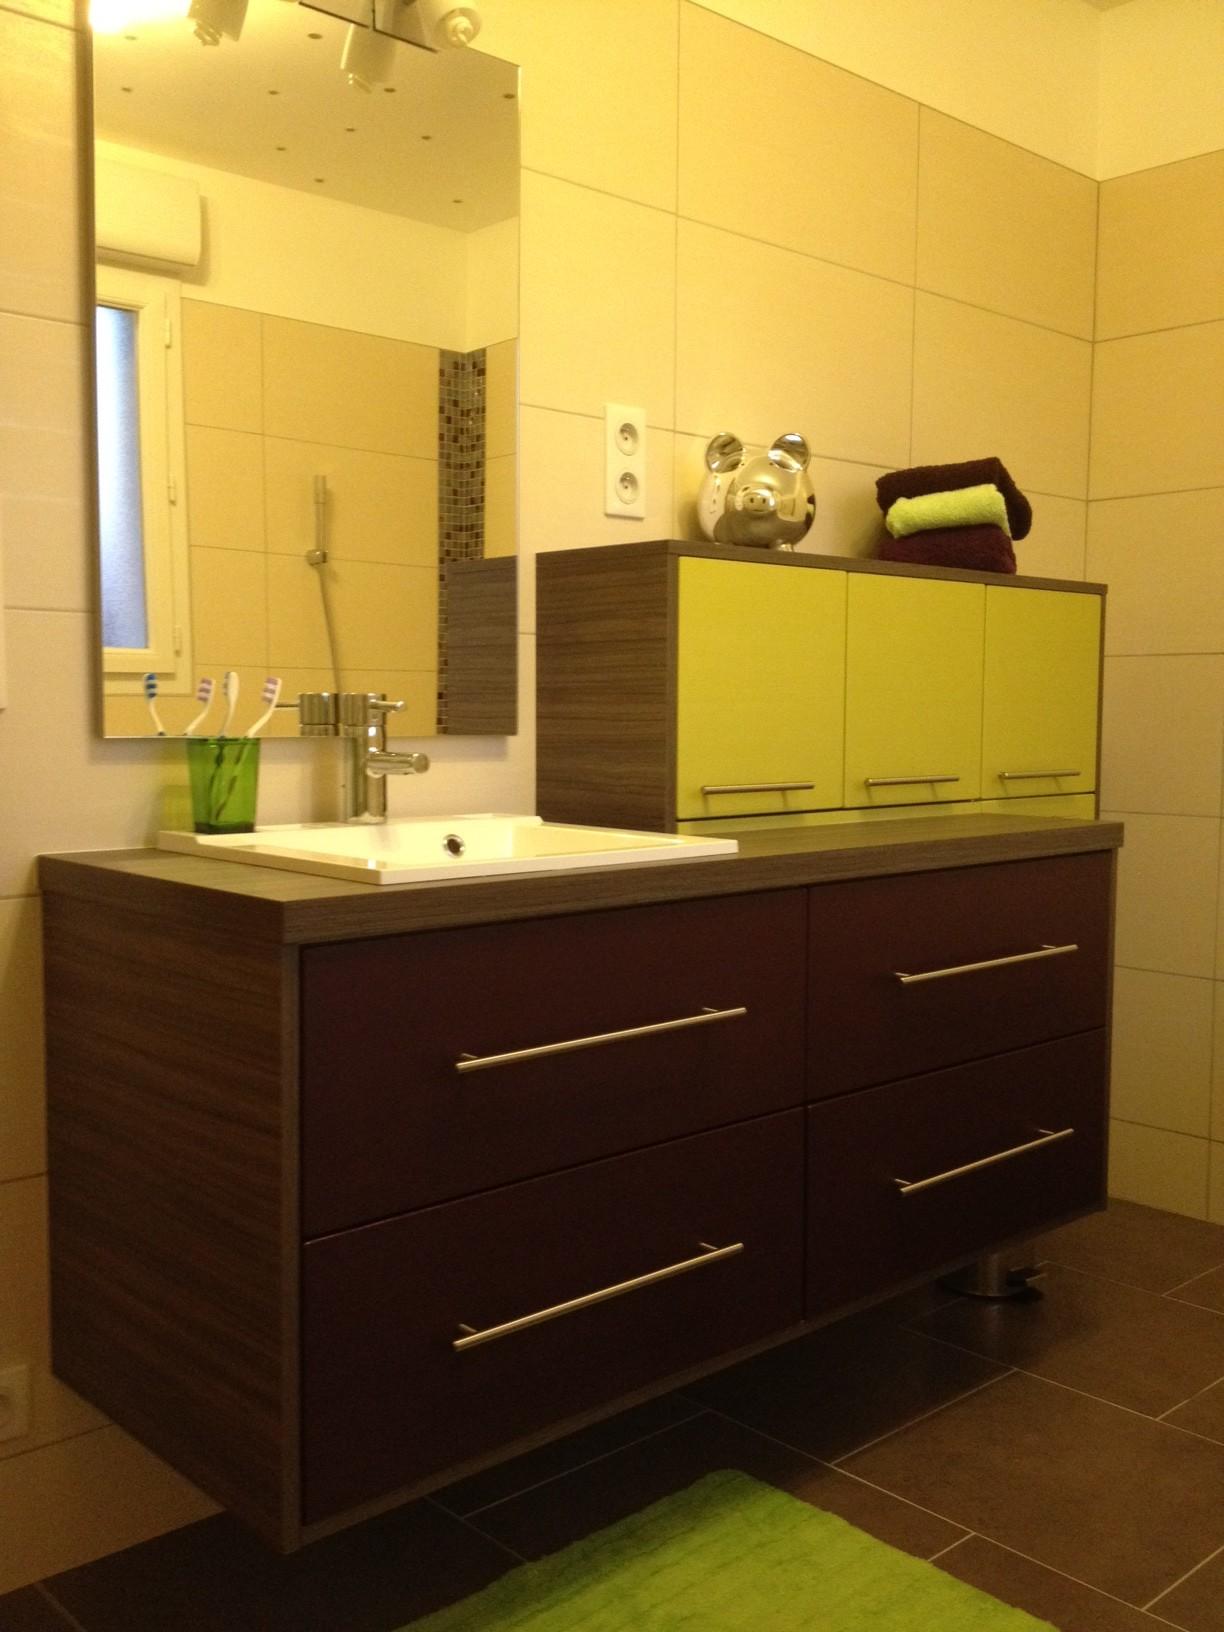 Salle de bain design vert anis - Creer une salle de bain en 3d gratuit ...